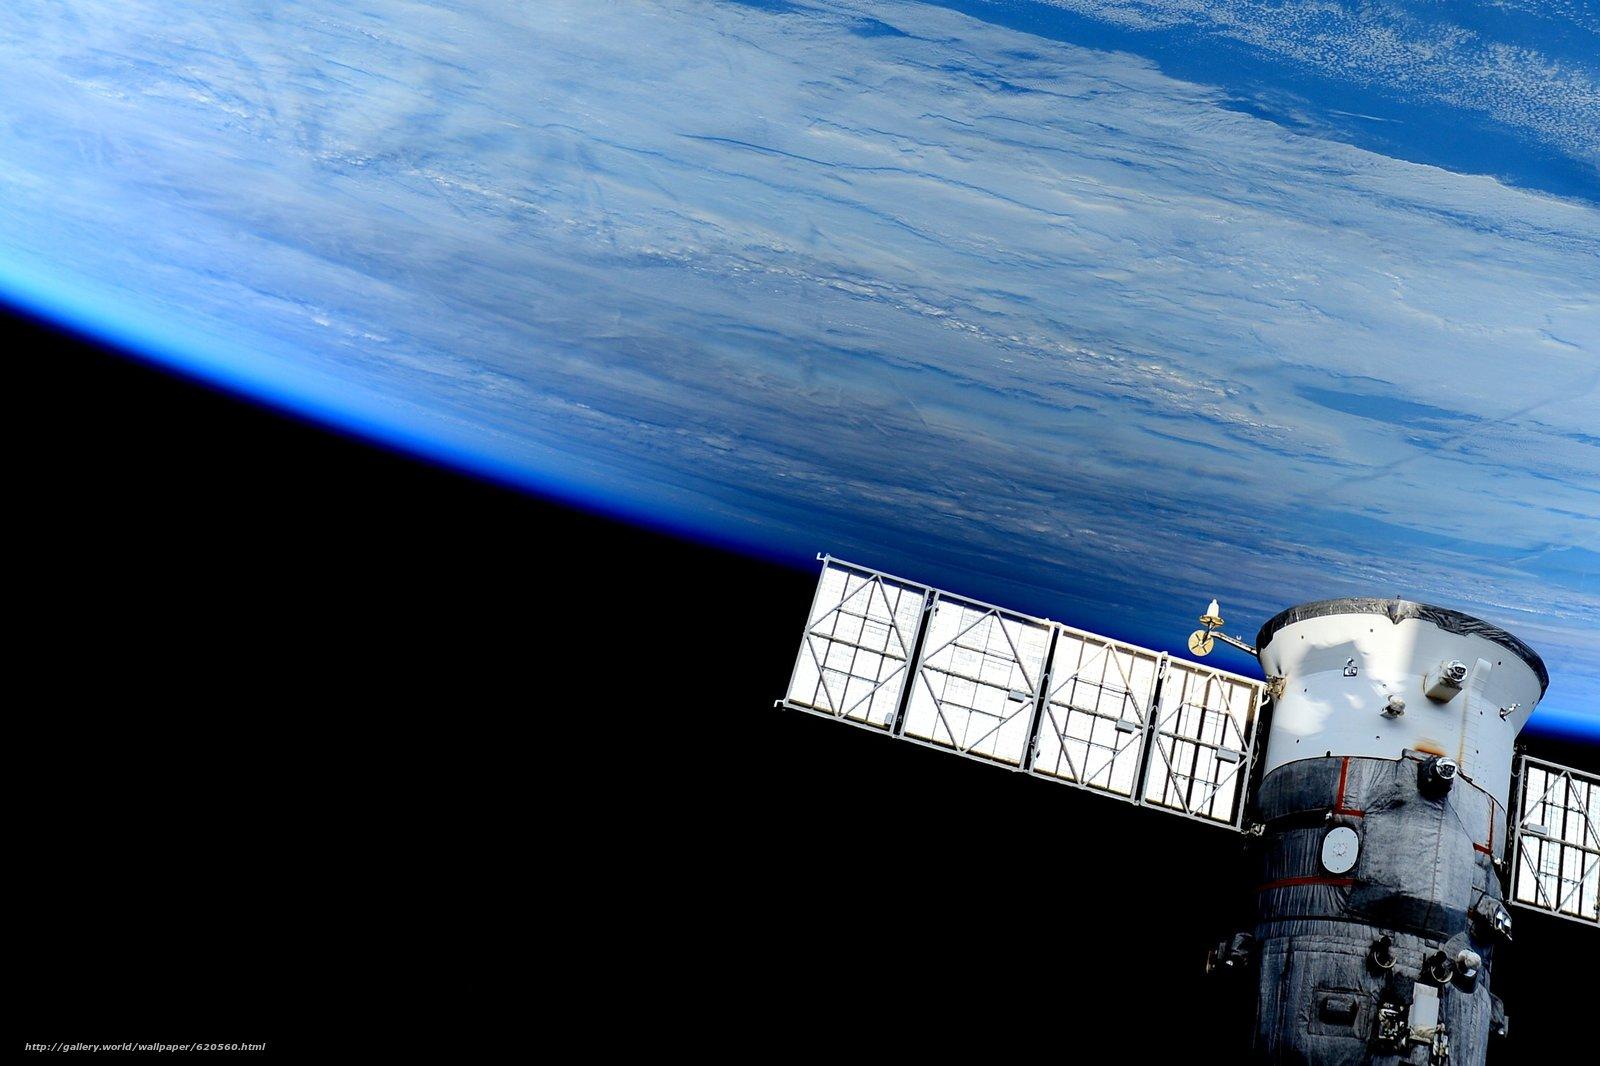 Скачать обои Земля,  космос,  МКС,  наука бесплатно для рабочего стола в разрешении 2767x1843 — картинка №620560